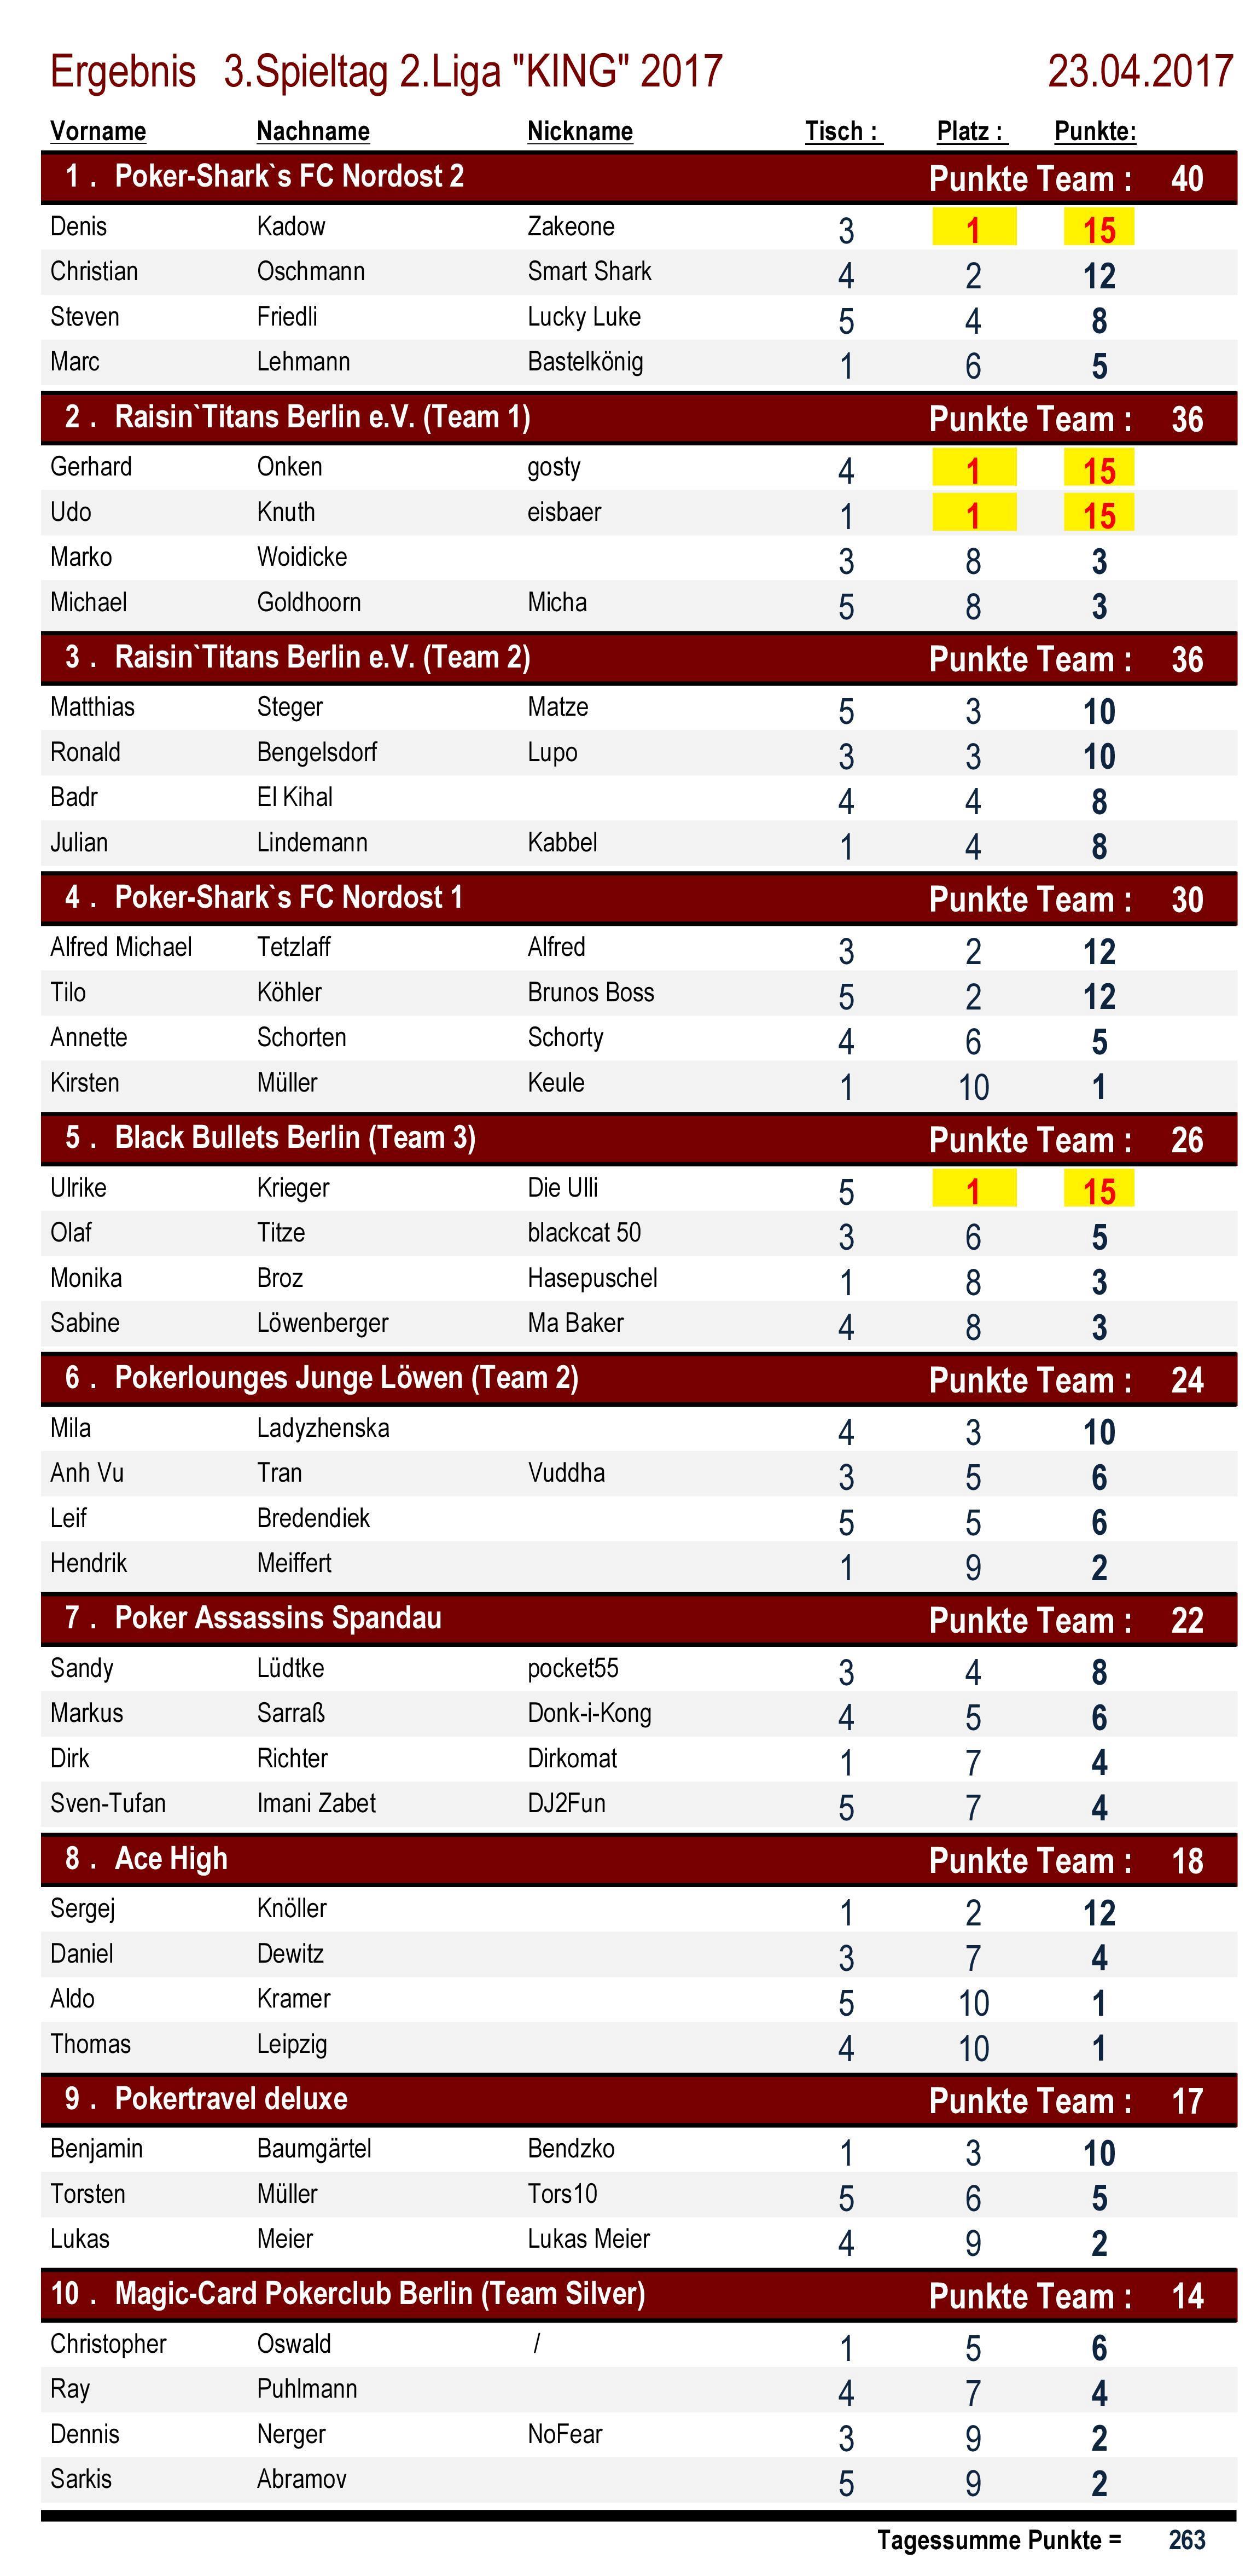 Ergebnisse 2.Liga `KING` 3. Spieltag 2017